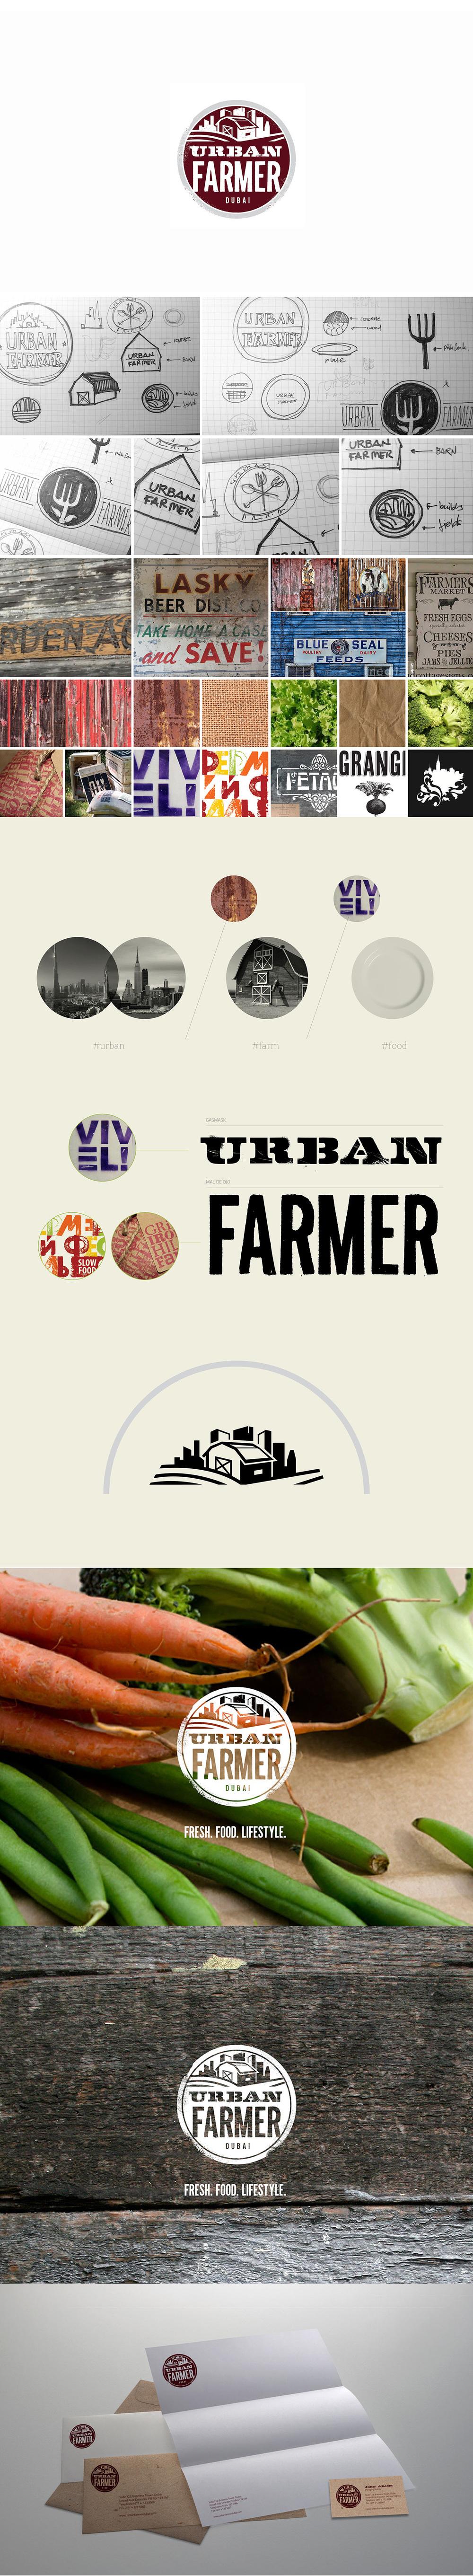 urbanfarmer_prezi12+compile.jpg